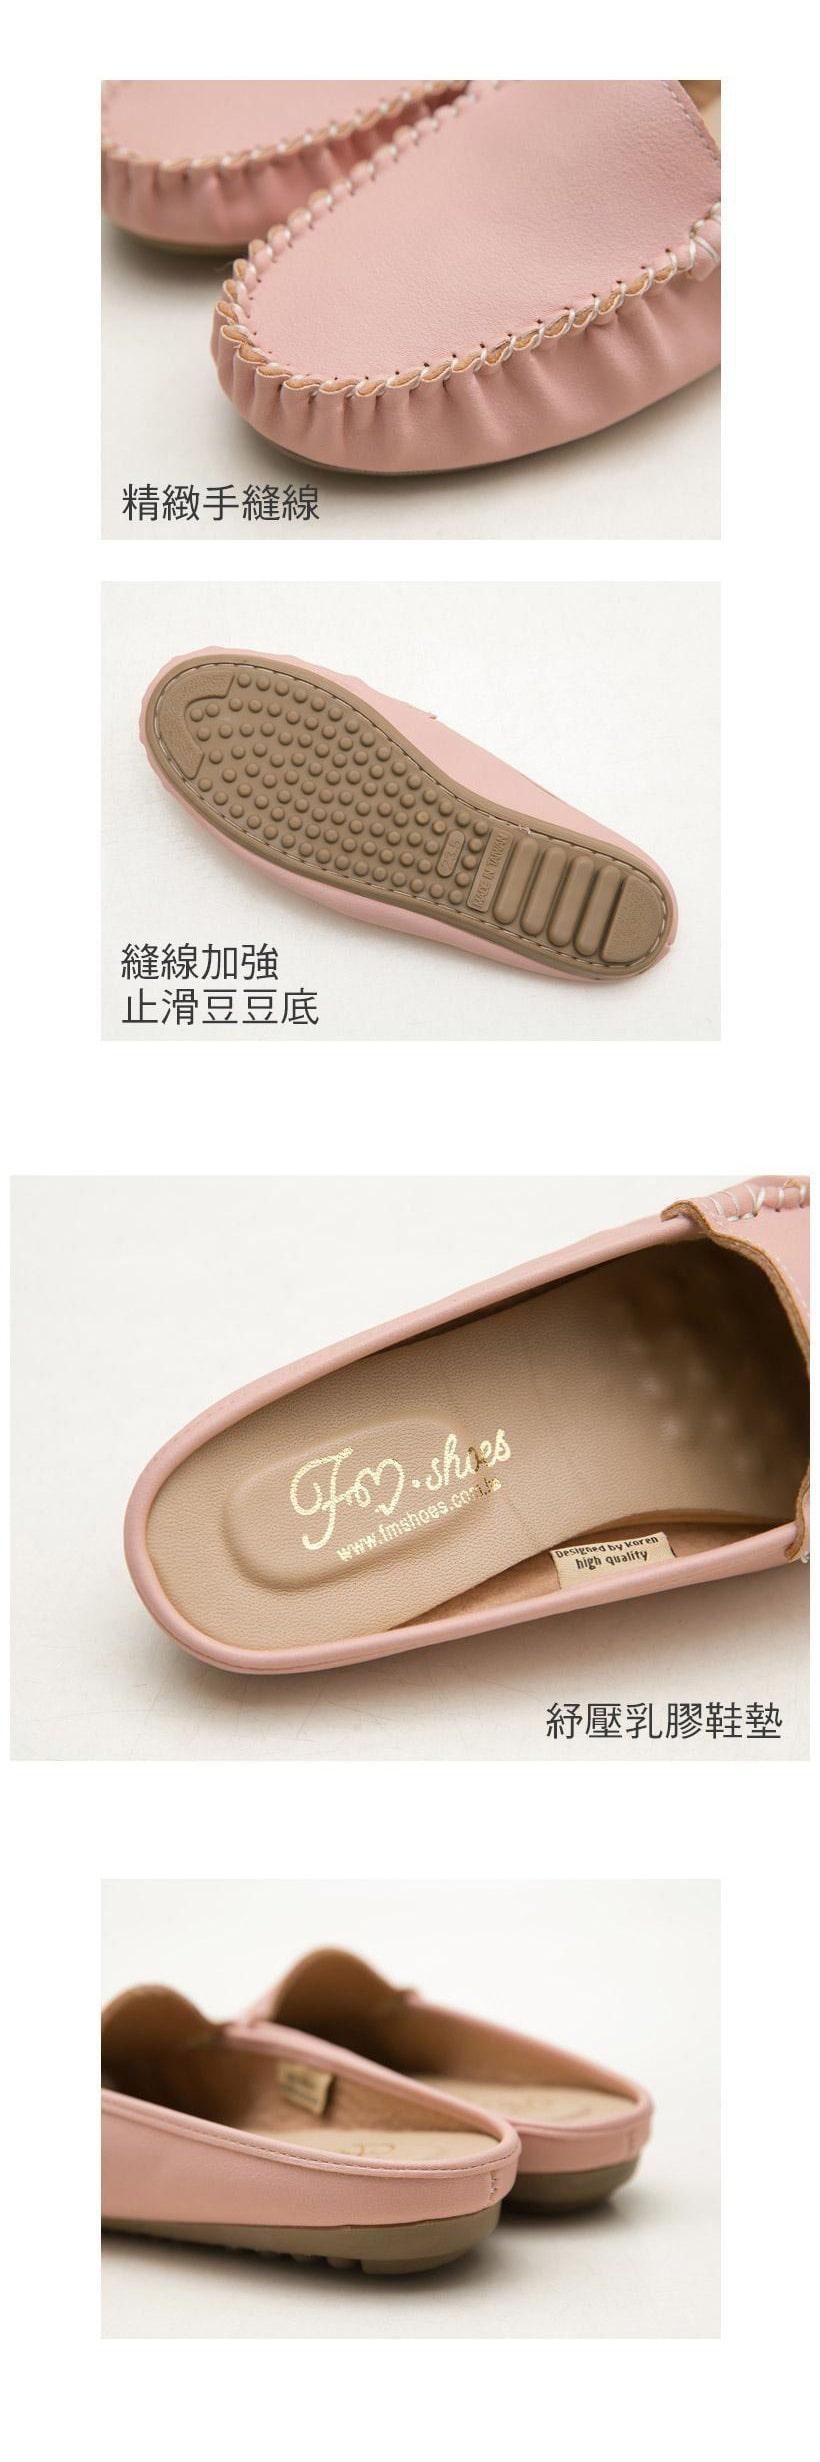 FM Shoes 訂製款 素面豆豆穆勒鞋 大尺碼 粉